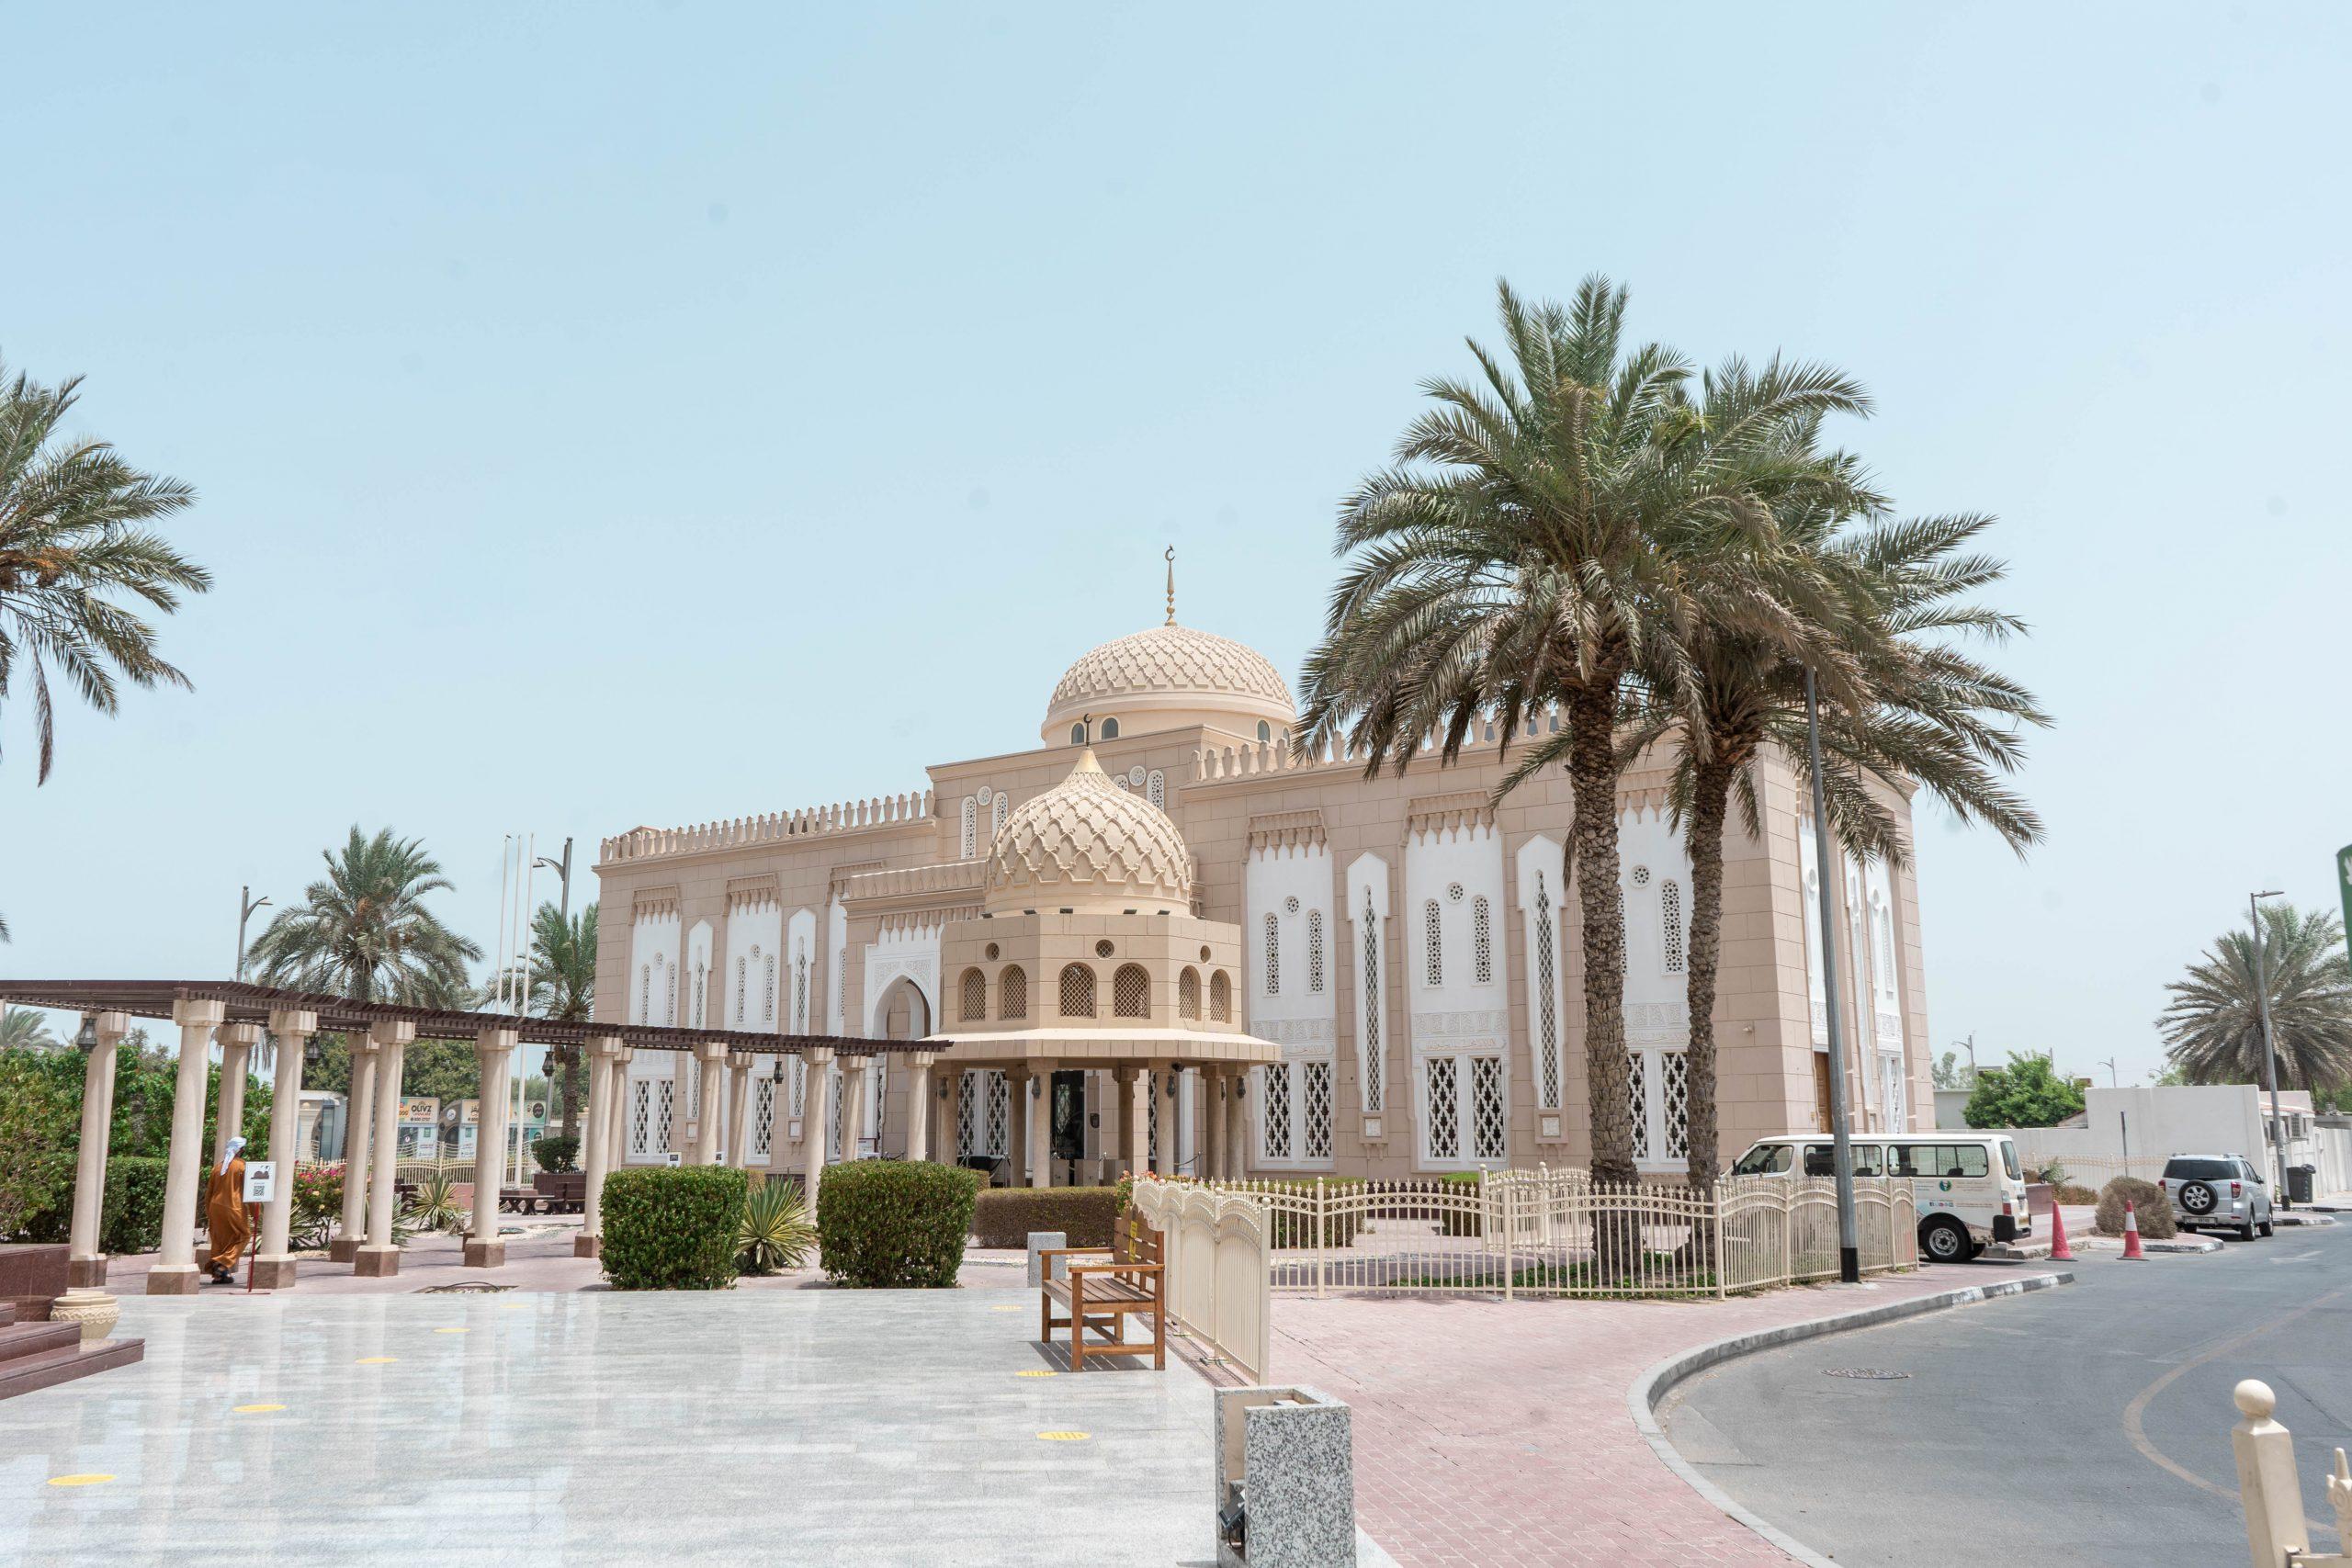 jumeirah mosque visitors center tourist entrance dubai uae united arab emirates